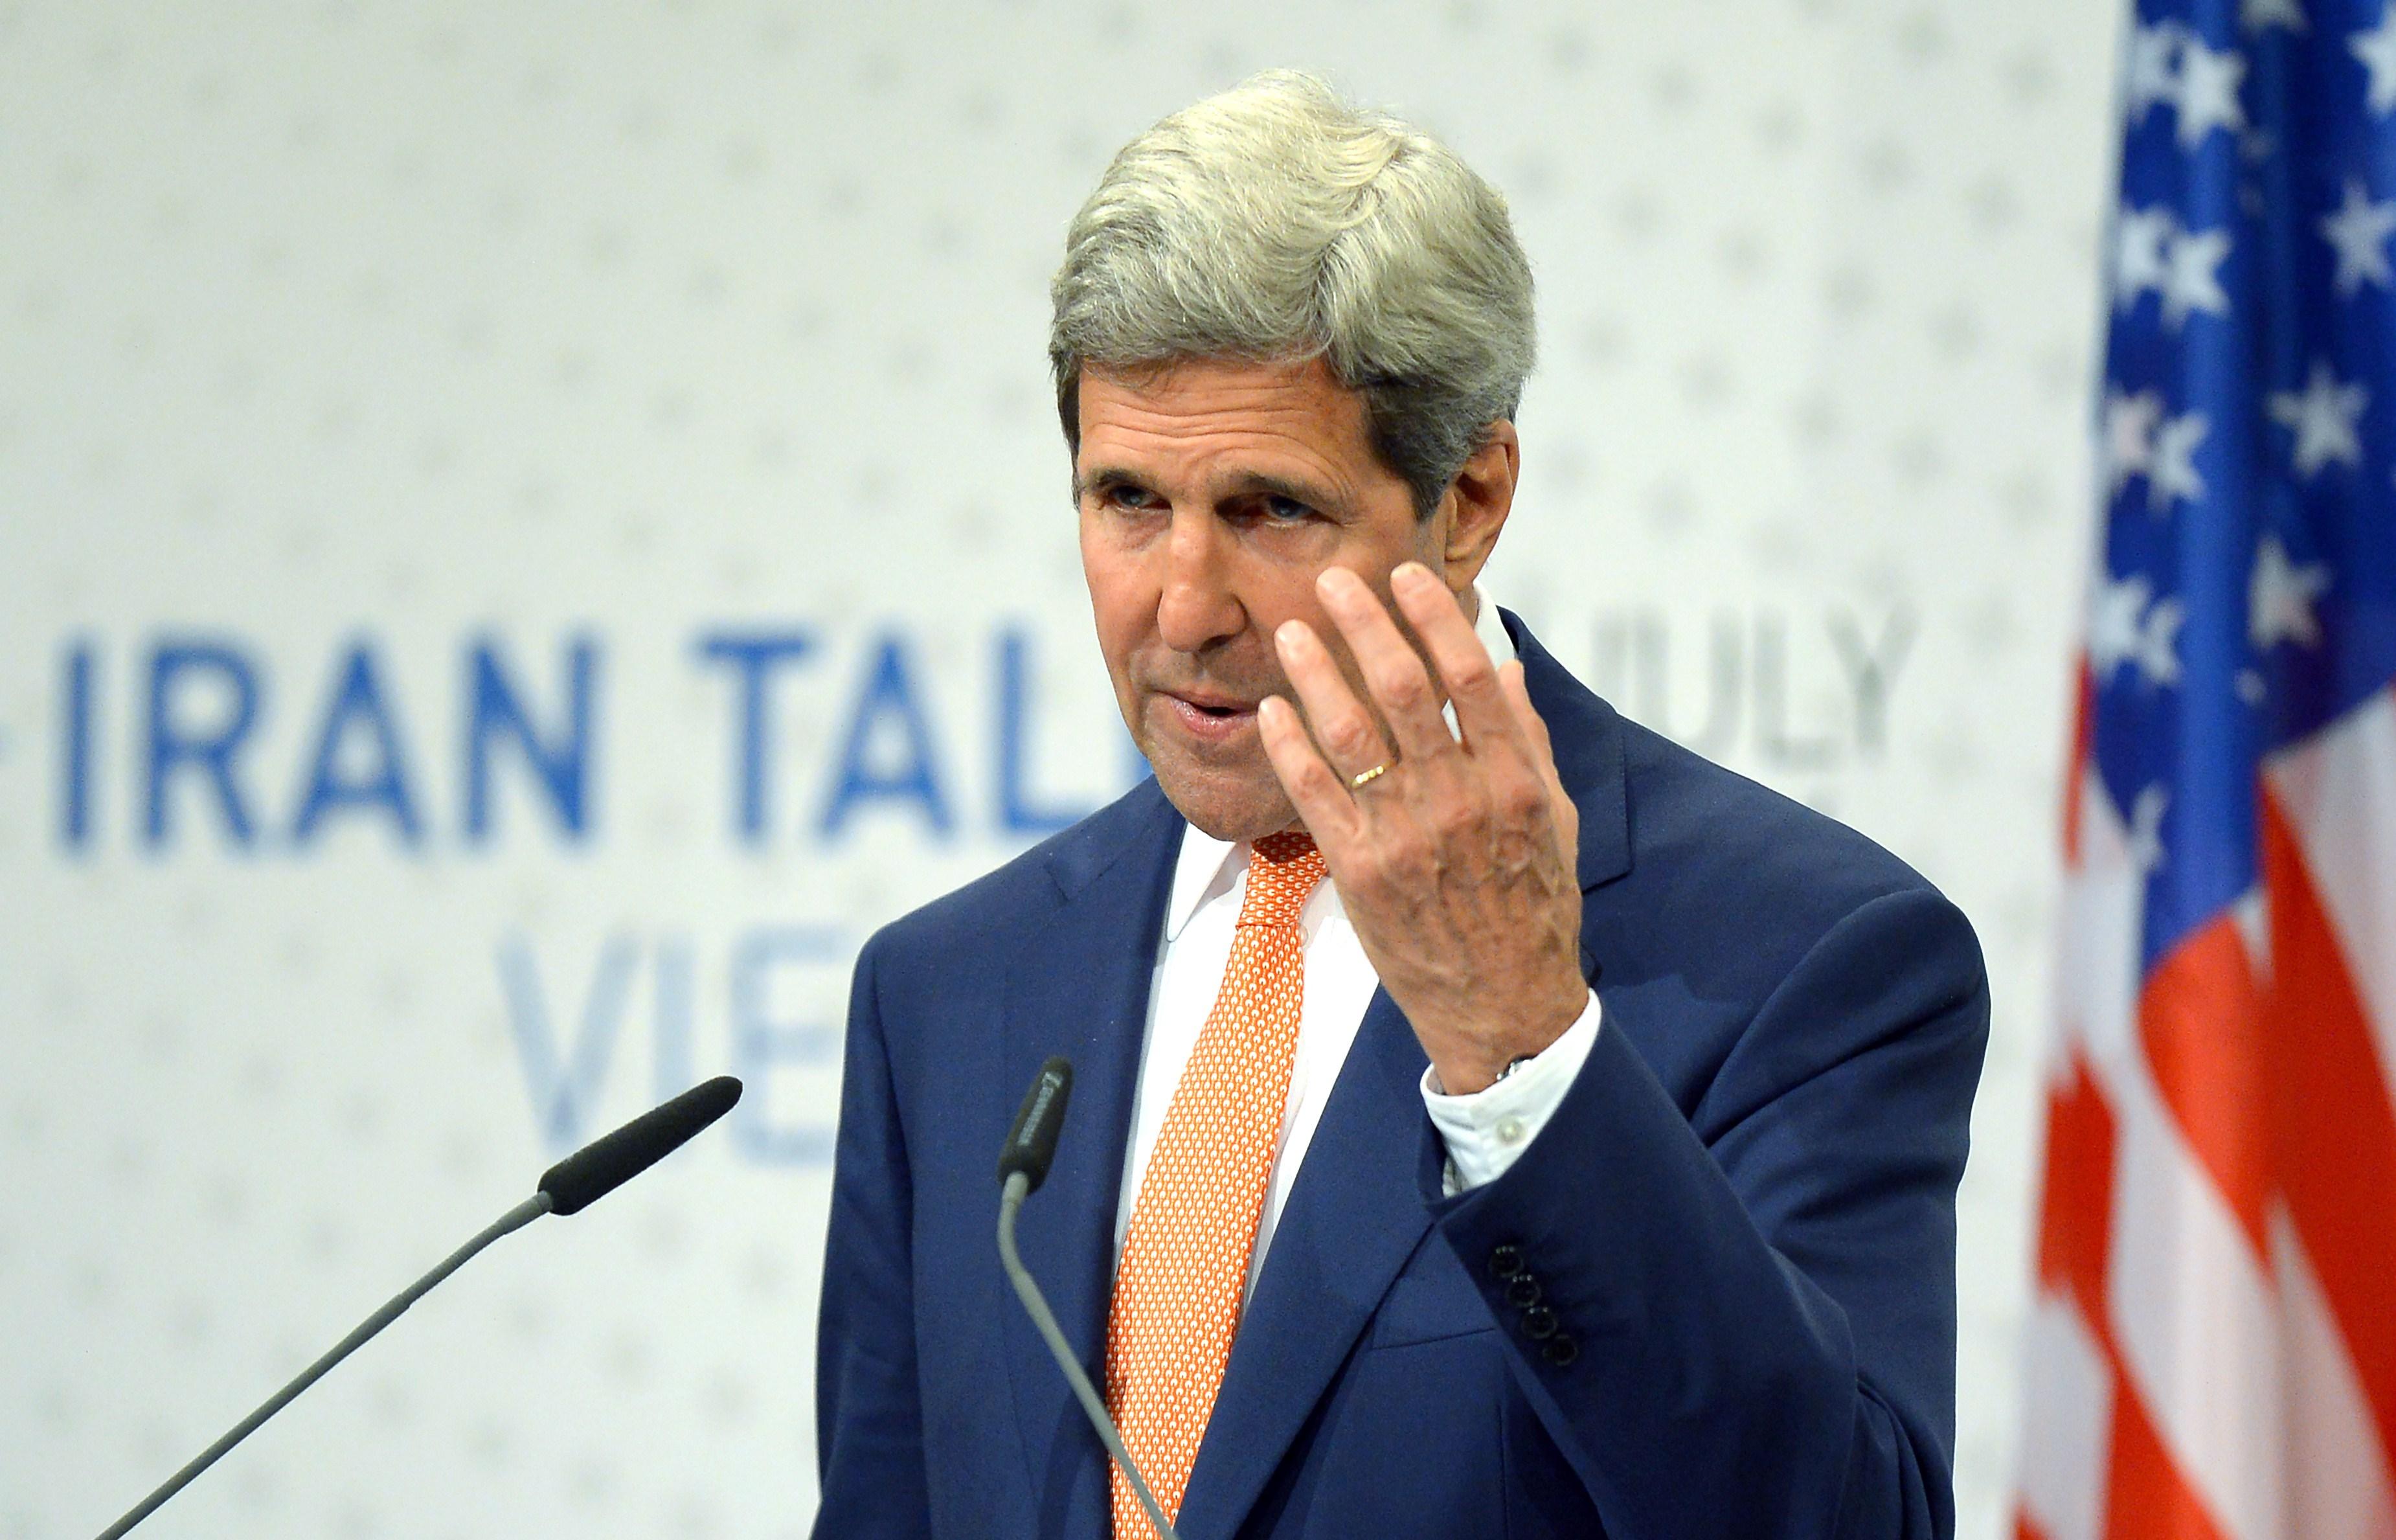 Secretarul de Stat american, in vizita la Kiev. John Kerry va discuta cu presedintele Porosenko despre conflictul cu Rusia